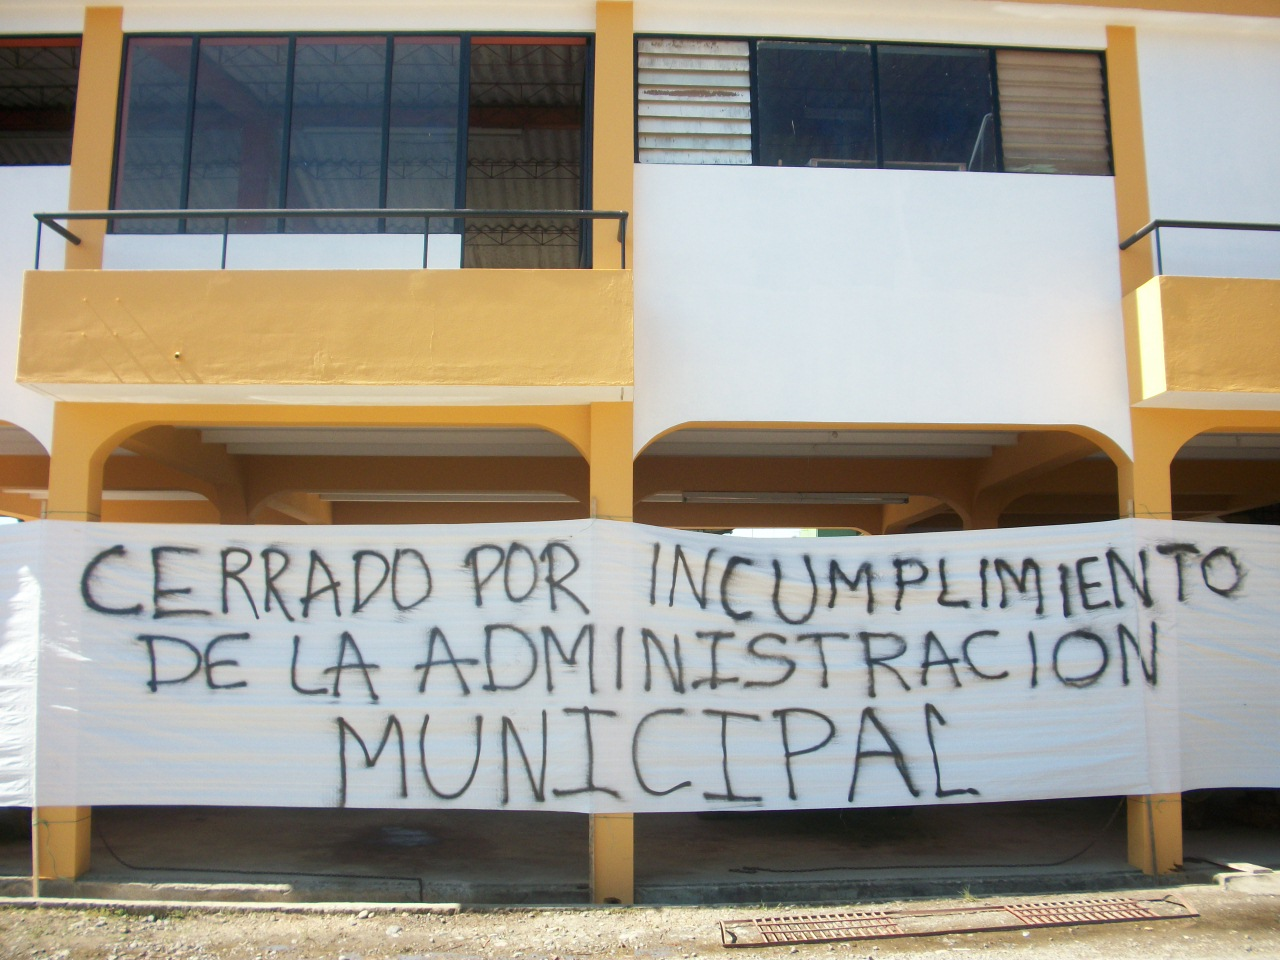 Por falta de recursos y apoyo de parte de la administración municipal el Cuerpo de Bomberos Voluntarios de Mocoa entra en paro